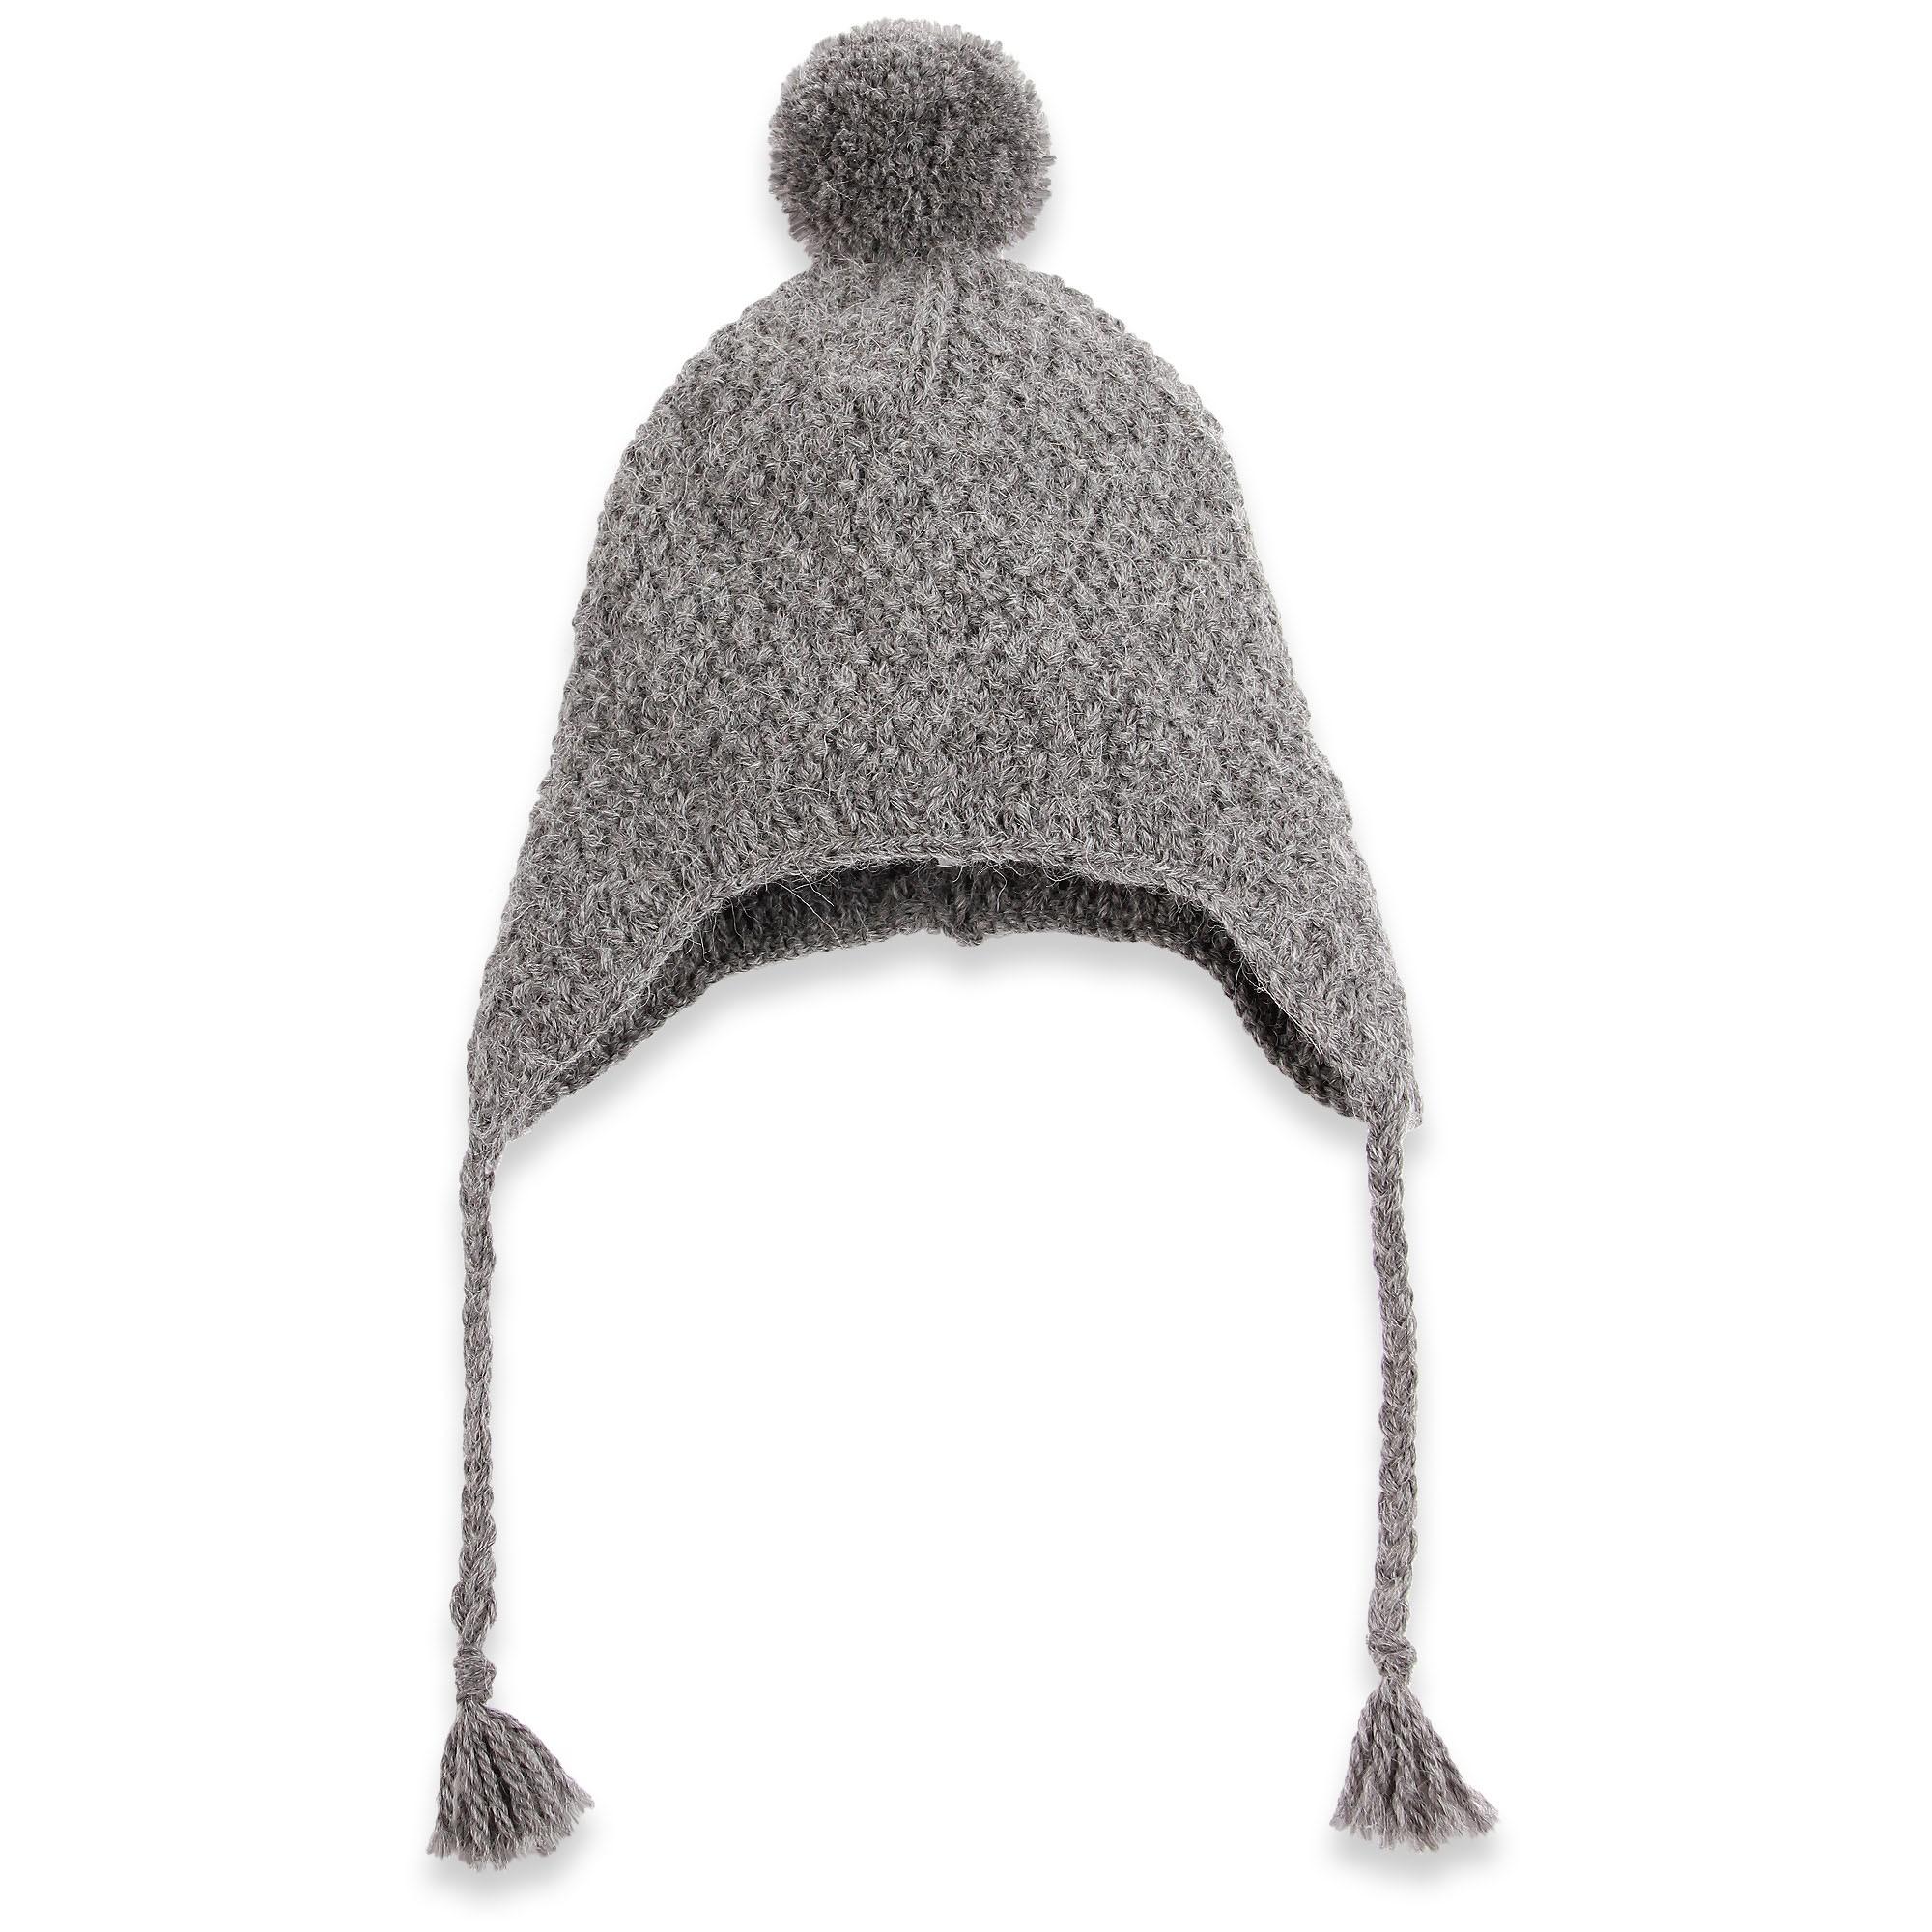 Modele tricot bonnet peruvien - altoservices 8da91066e8f